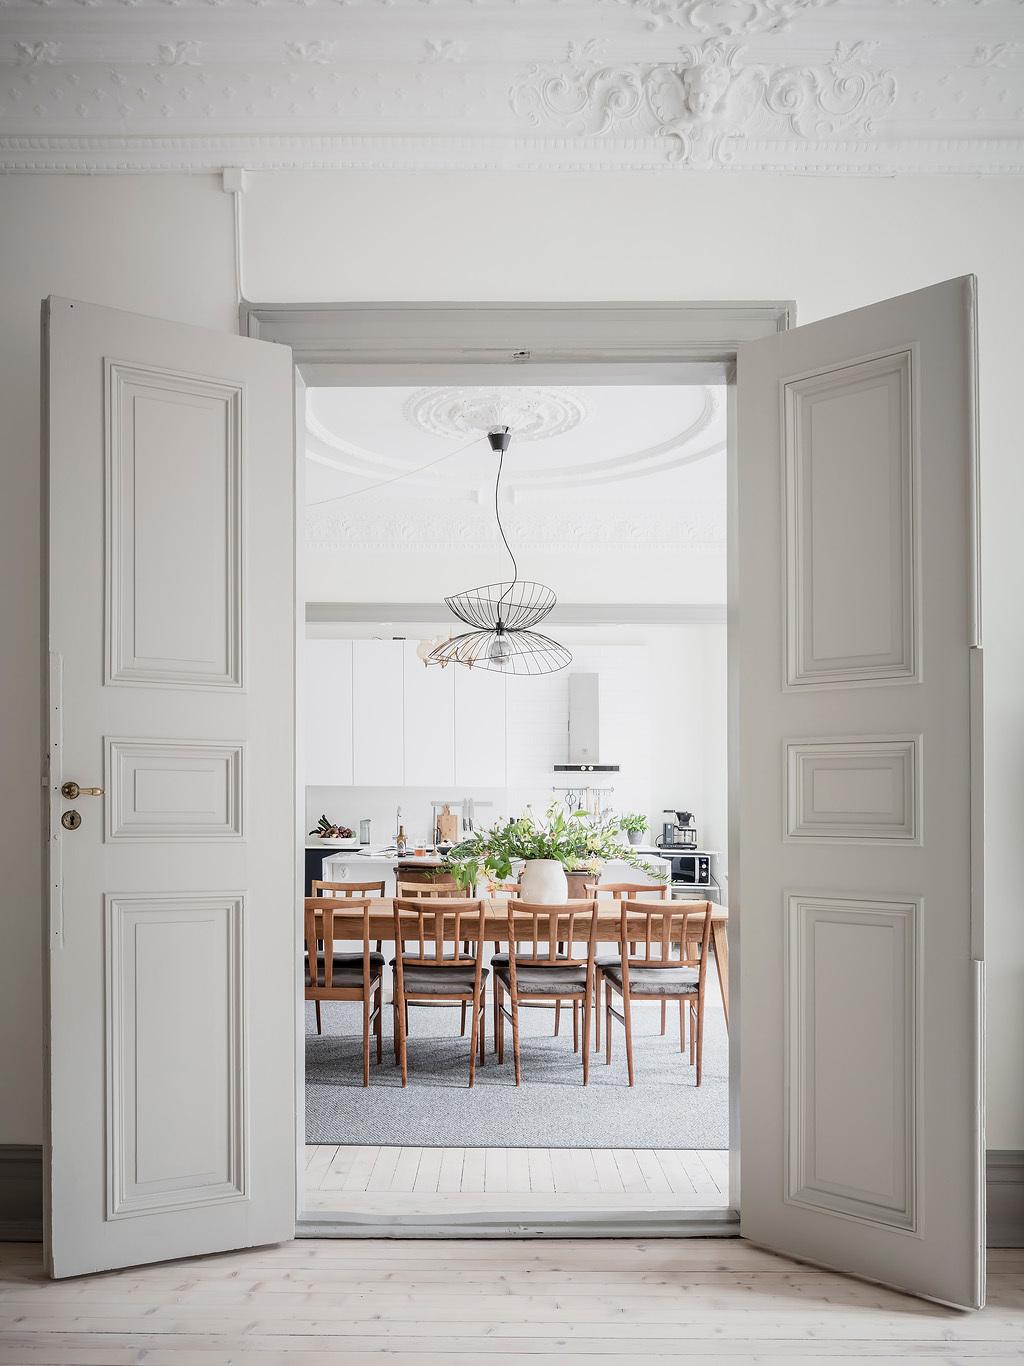 pièce de vie cuisine lumineuse table rectangulaire bois tapis extra large déco végétale